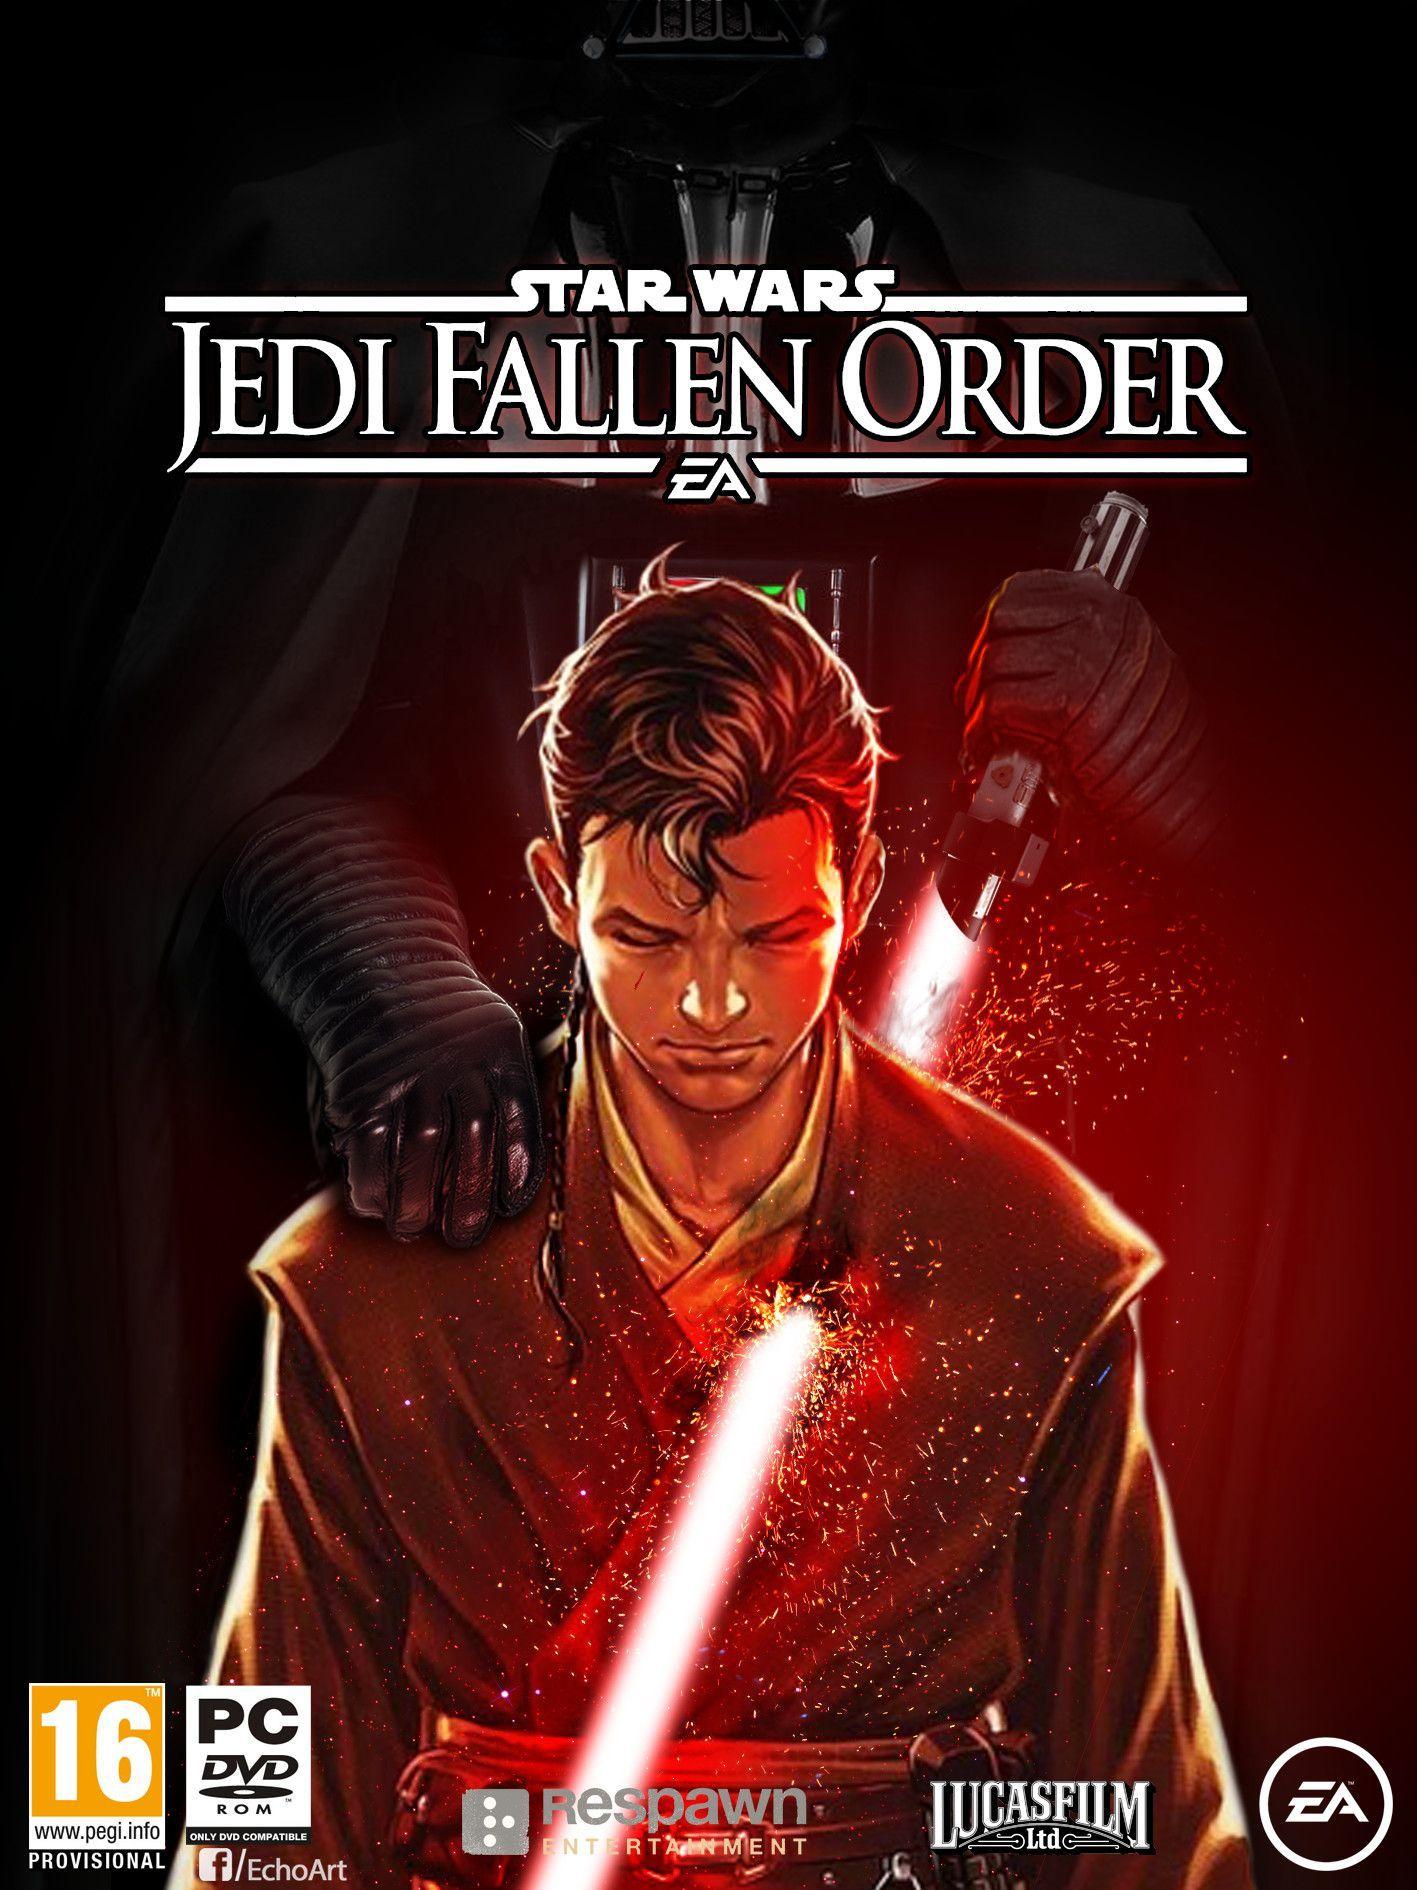 Star Wars Jedi Fallen Order 1417x1890 Wallpaper Teahub Io